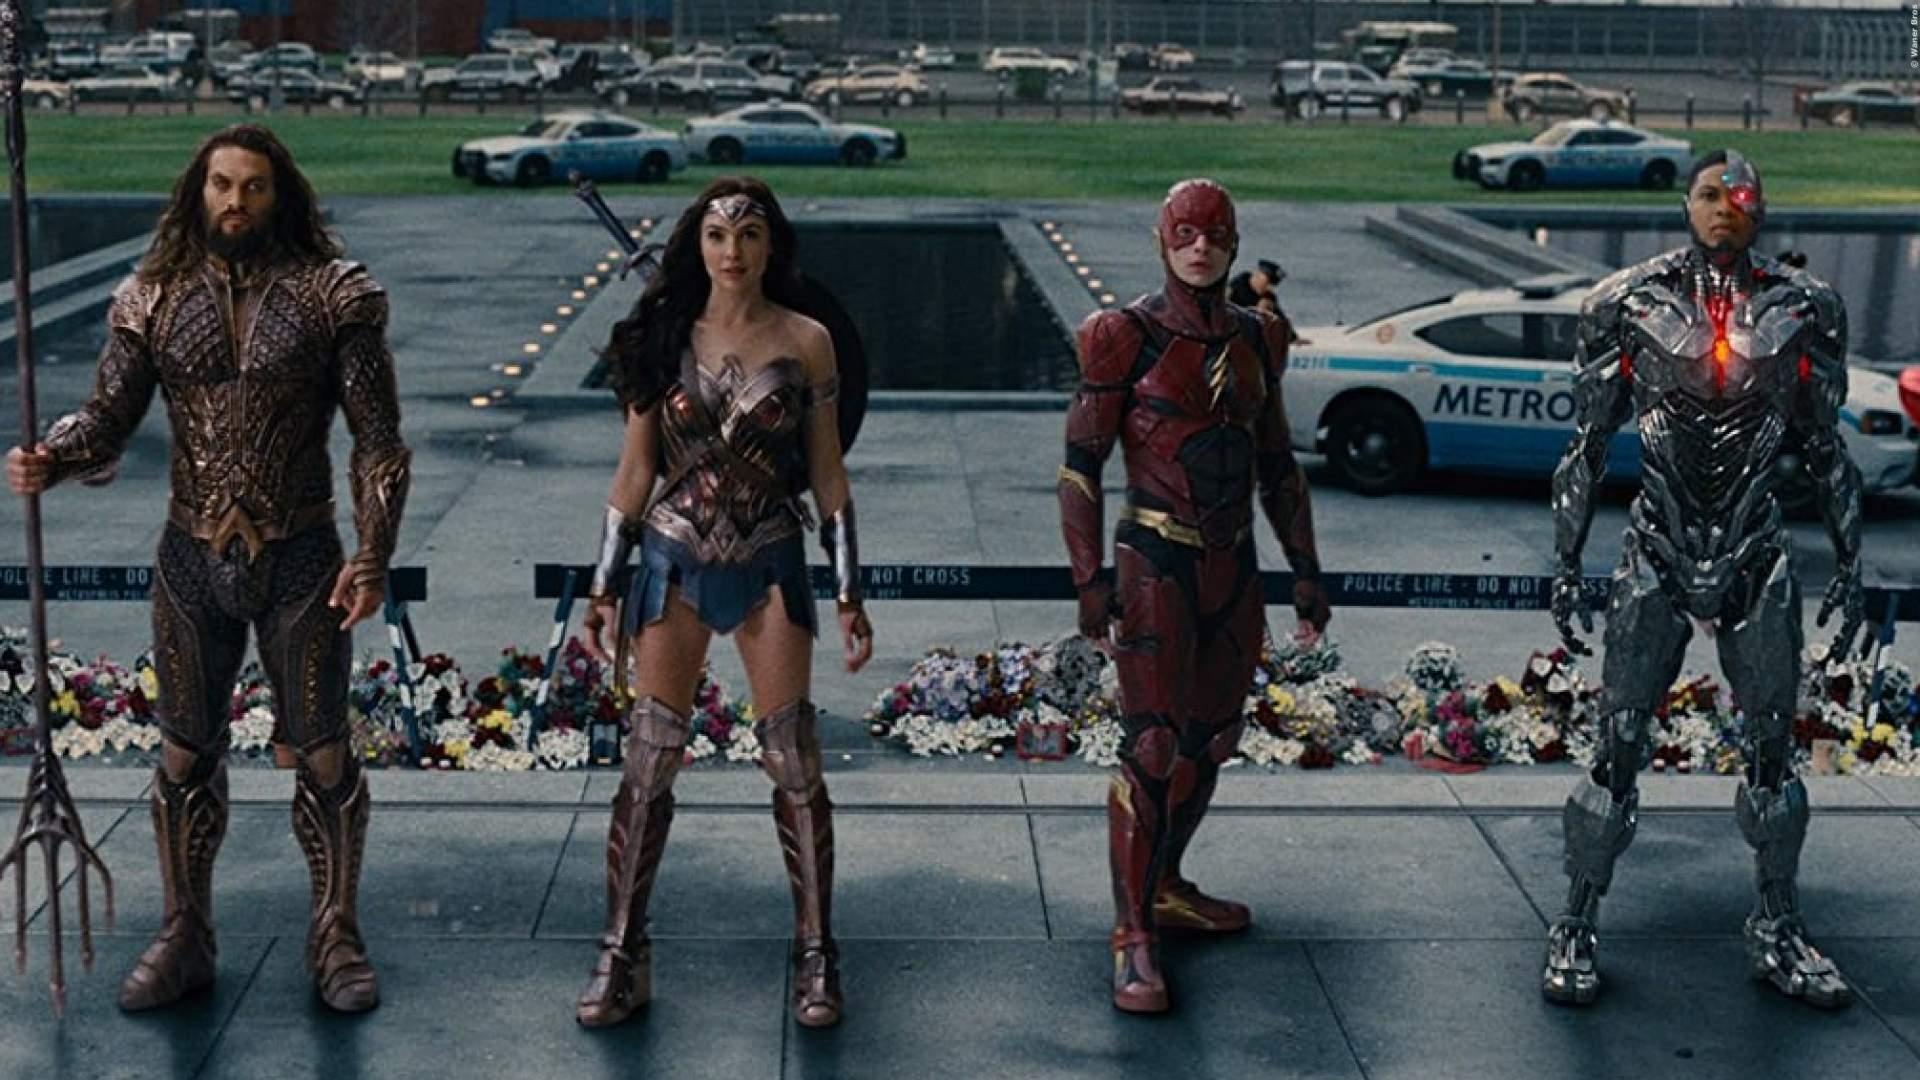 SKANDAL: DC-Star würgt weiblichen Fan auf offener Straße - von wegen Superheld.